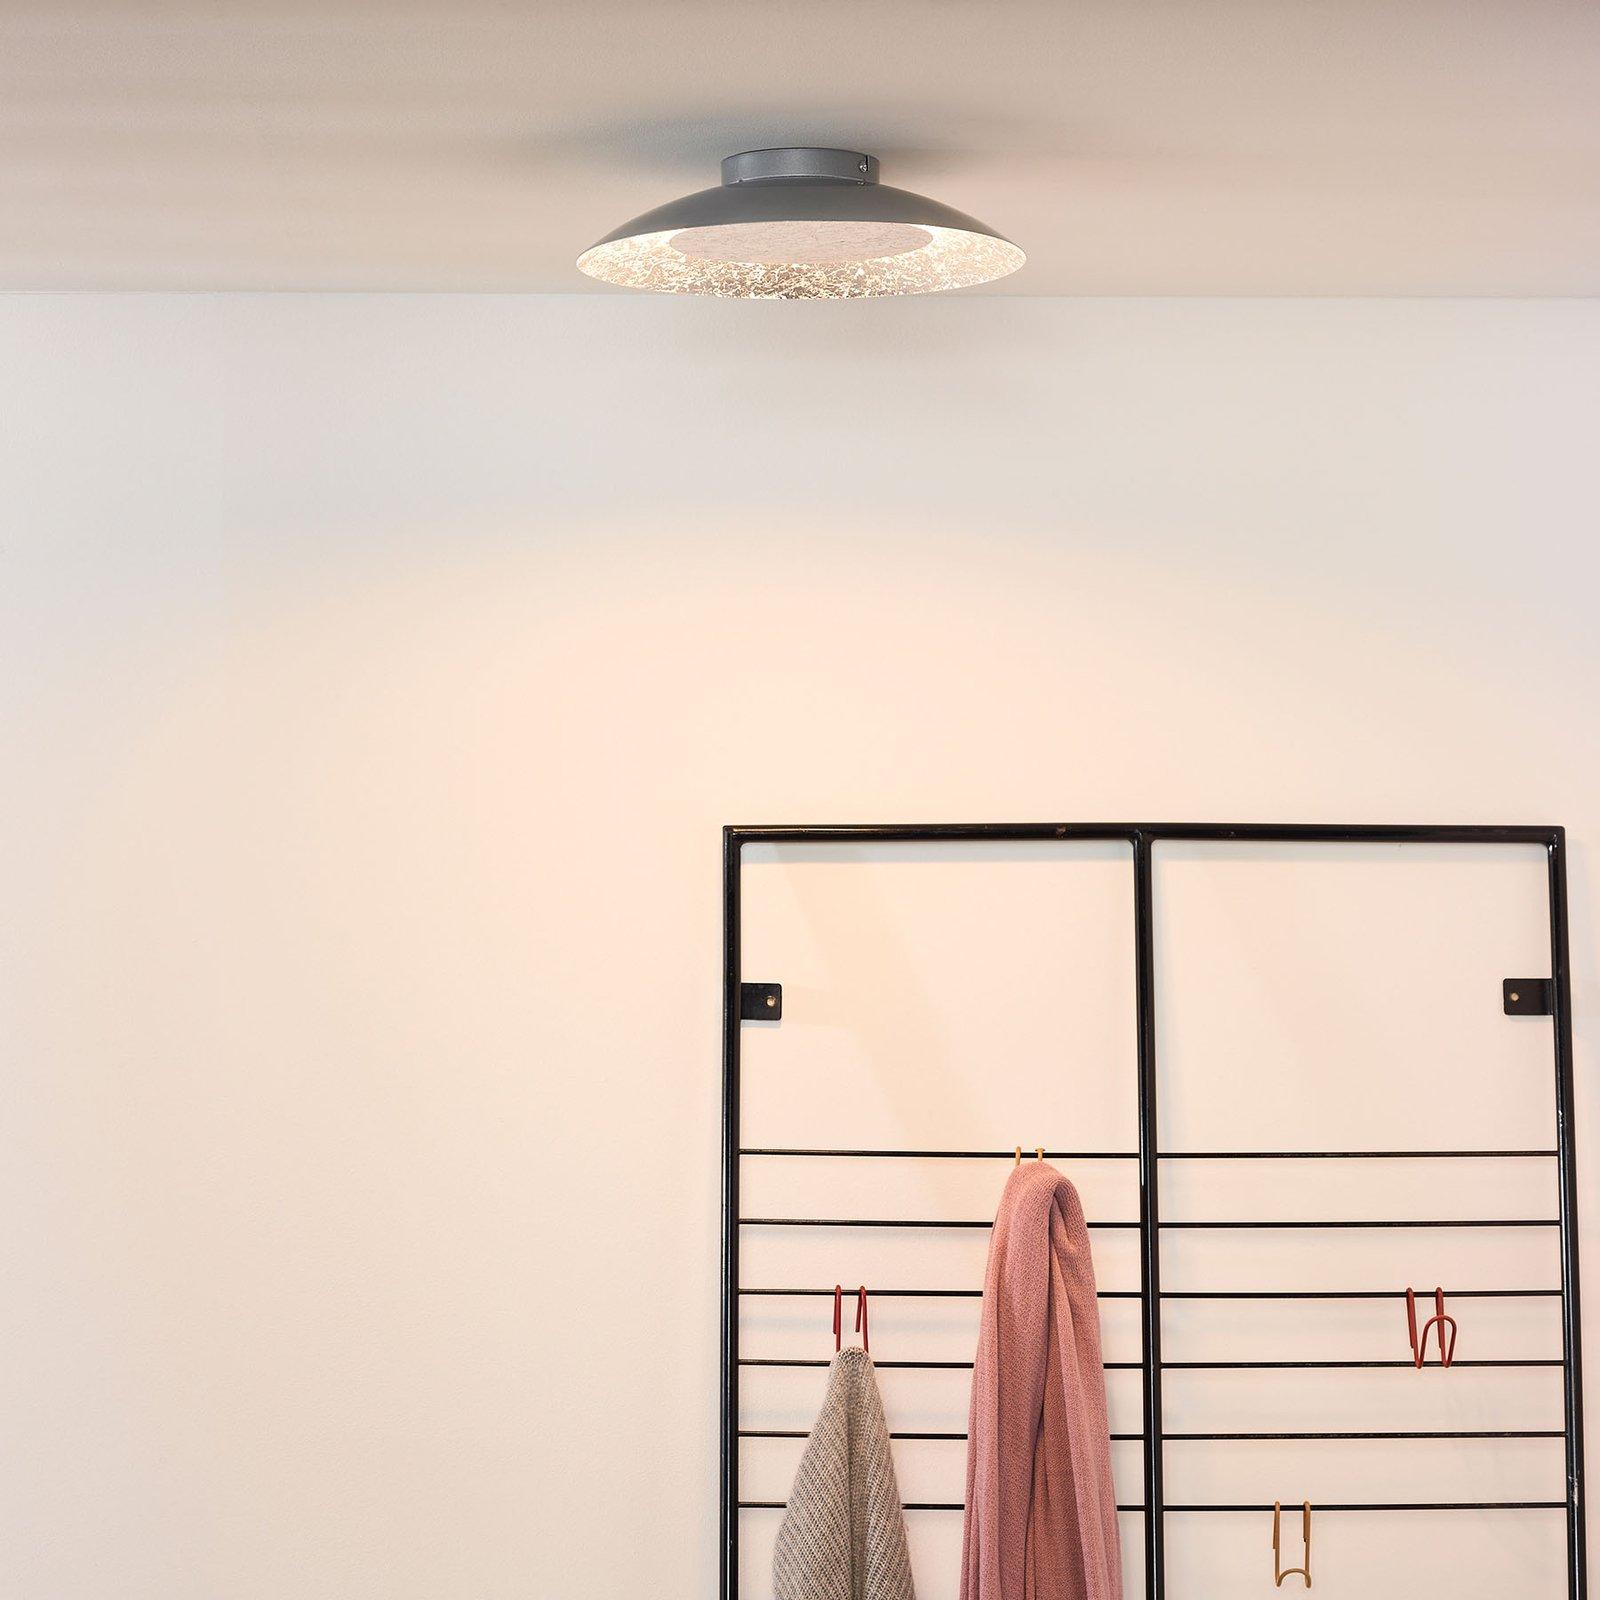 Foskal LED-taklampe sølv, Ø 34,5 cm